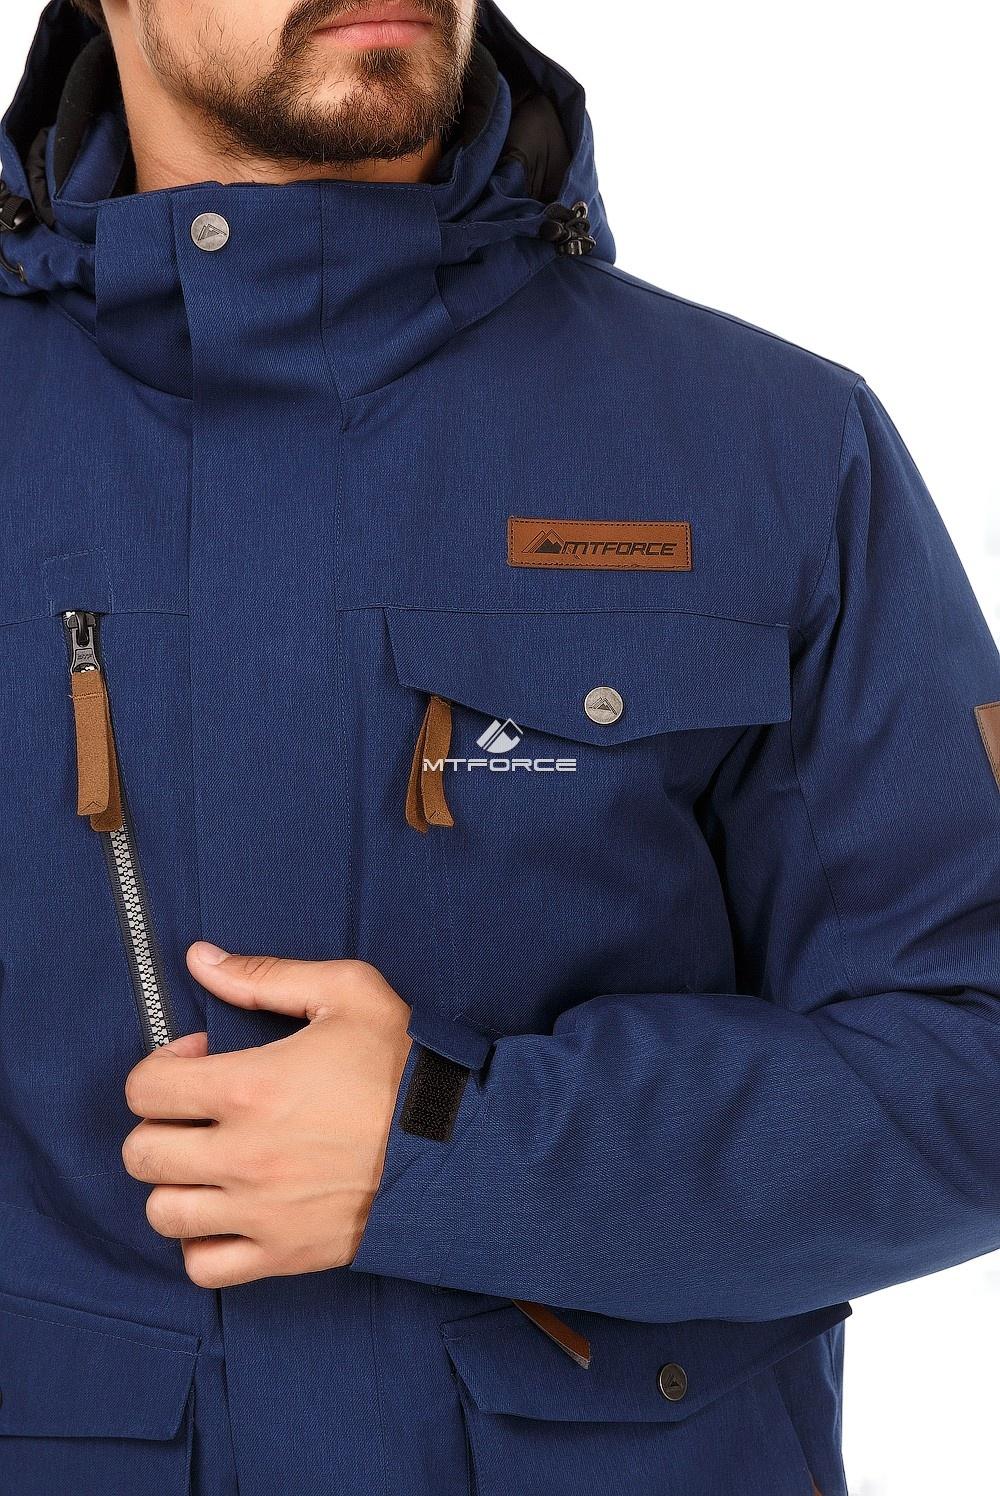 44cb6b86 Купить Куртка мужская осень весна темно-синего цвета 1742TS. ДРУГИЕ ЦВЕТА  ЭТОГО ТОВАРА